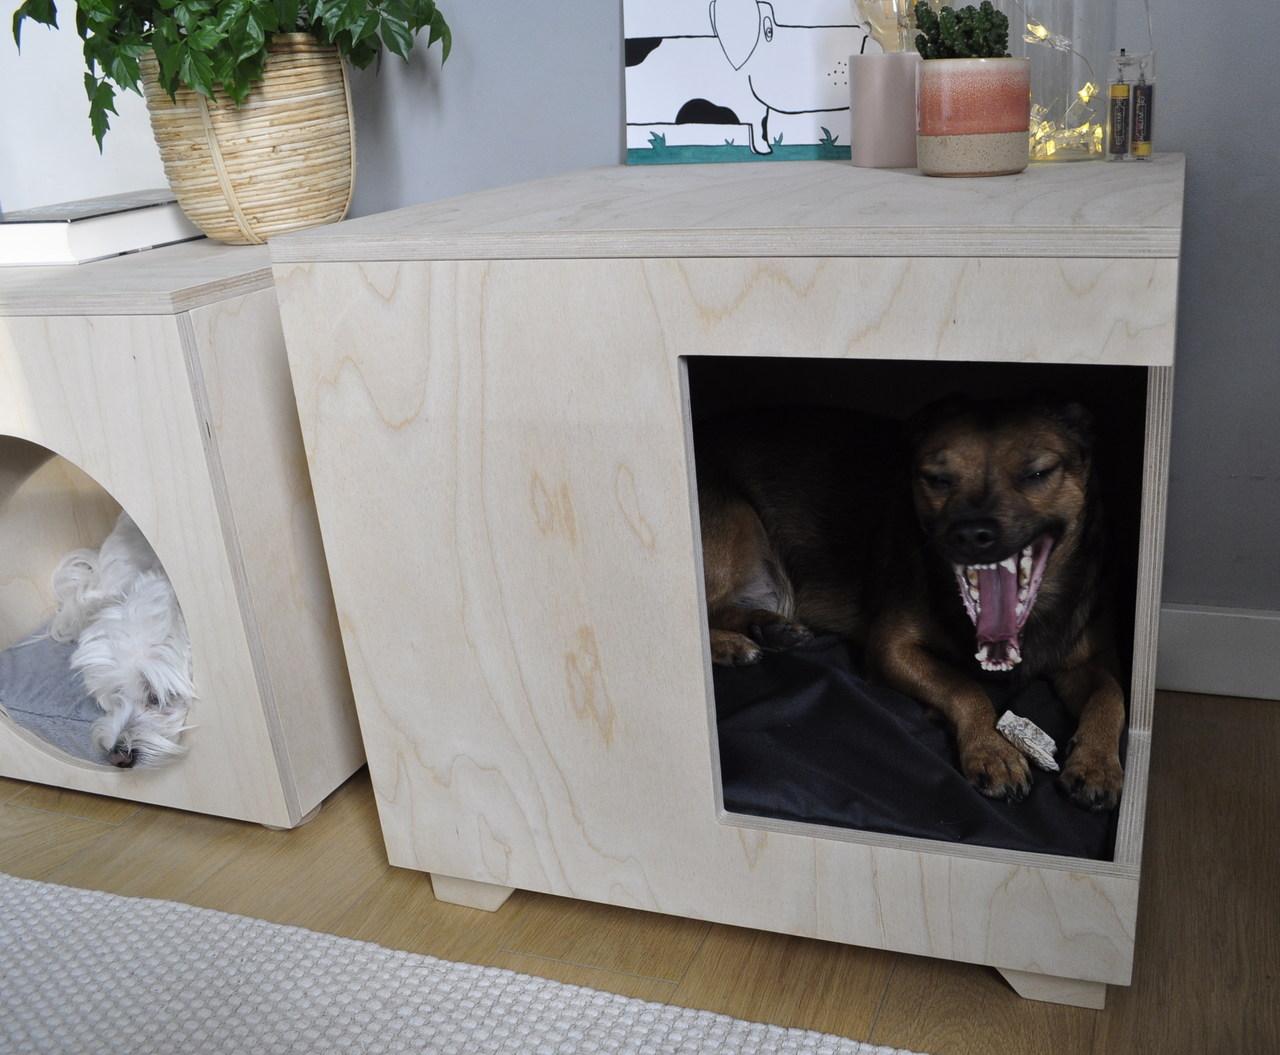 Domek dla psa lub kota/szafka Dreamy Nose - Dreamy Noses    JestemSlow.pl